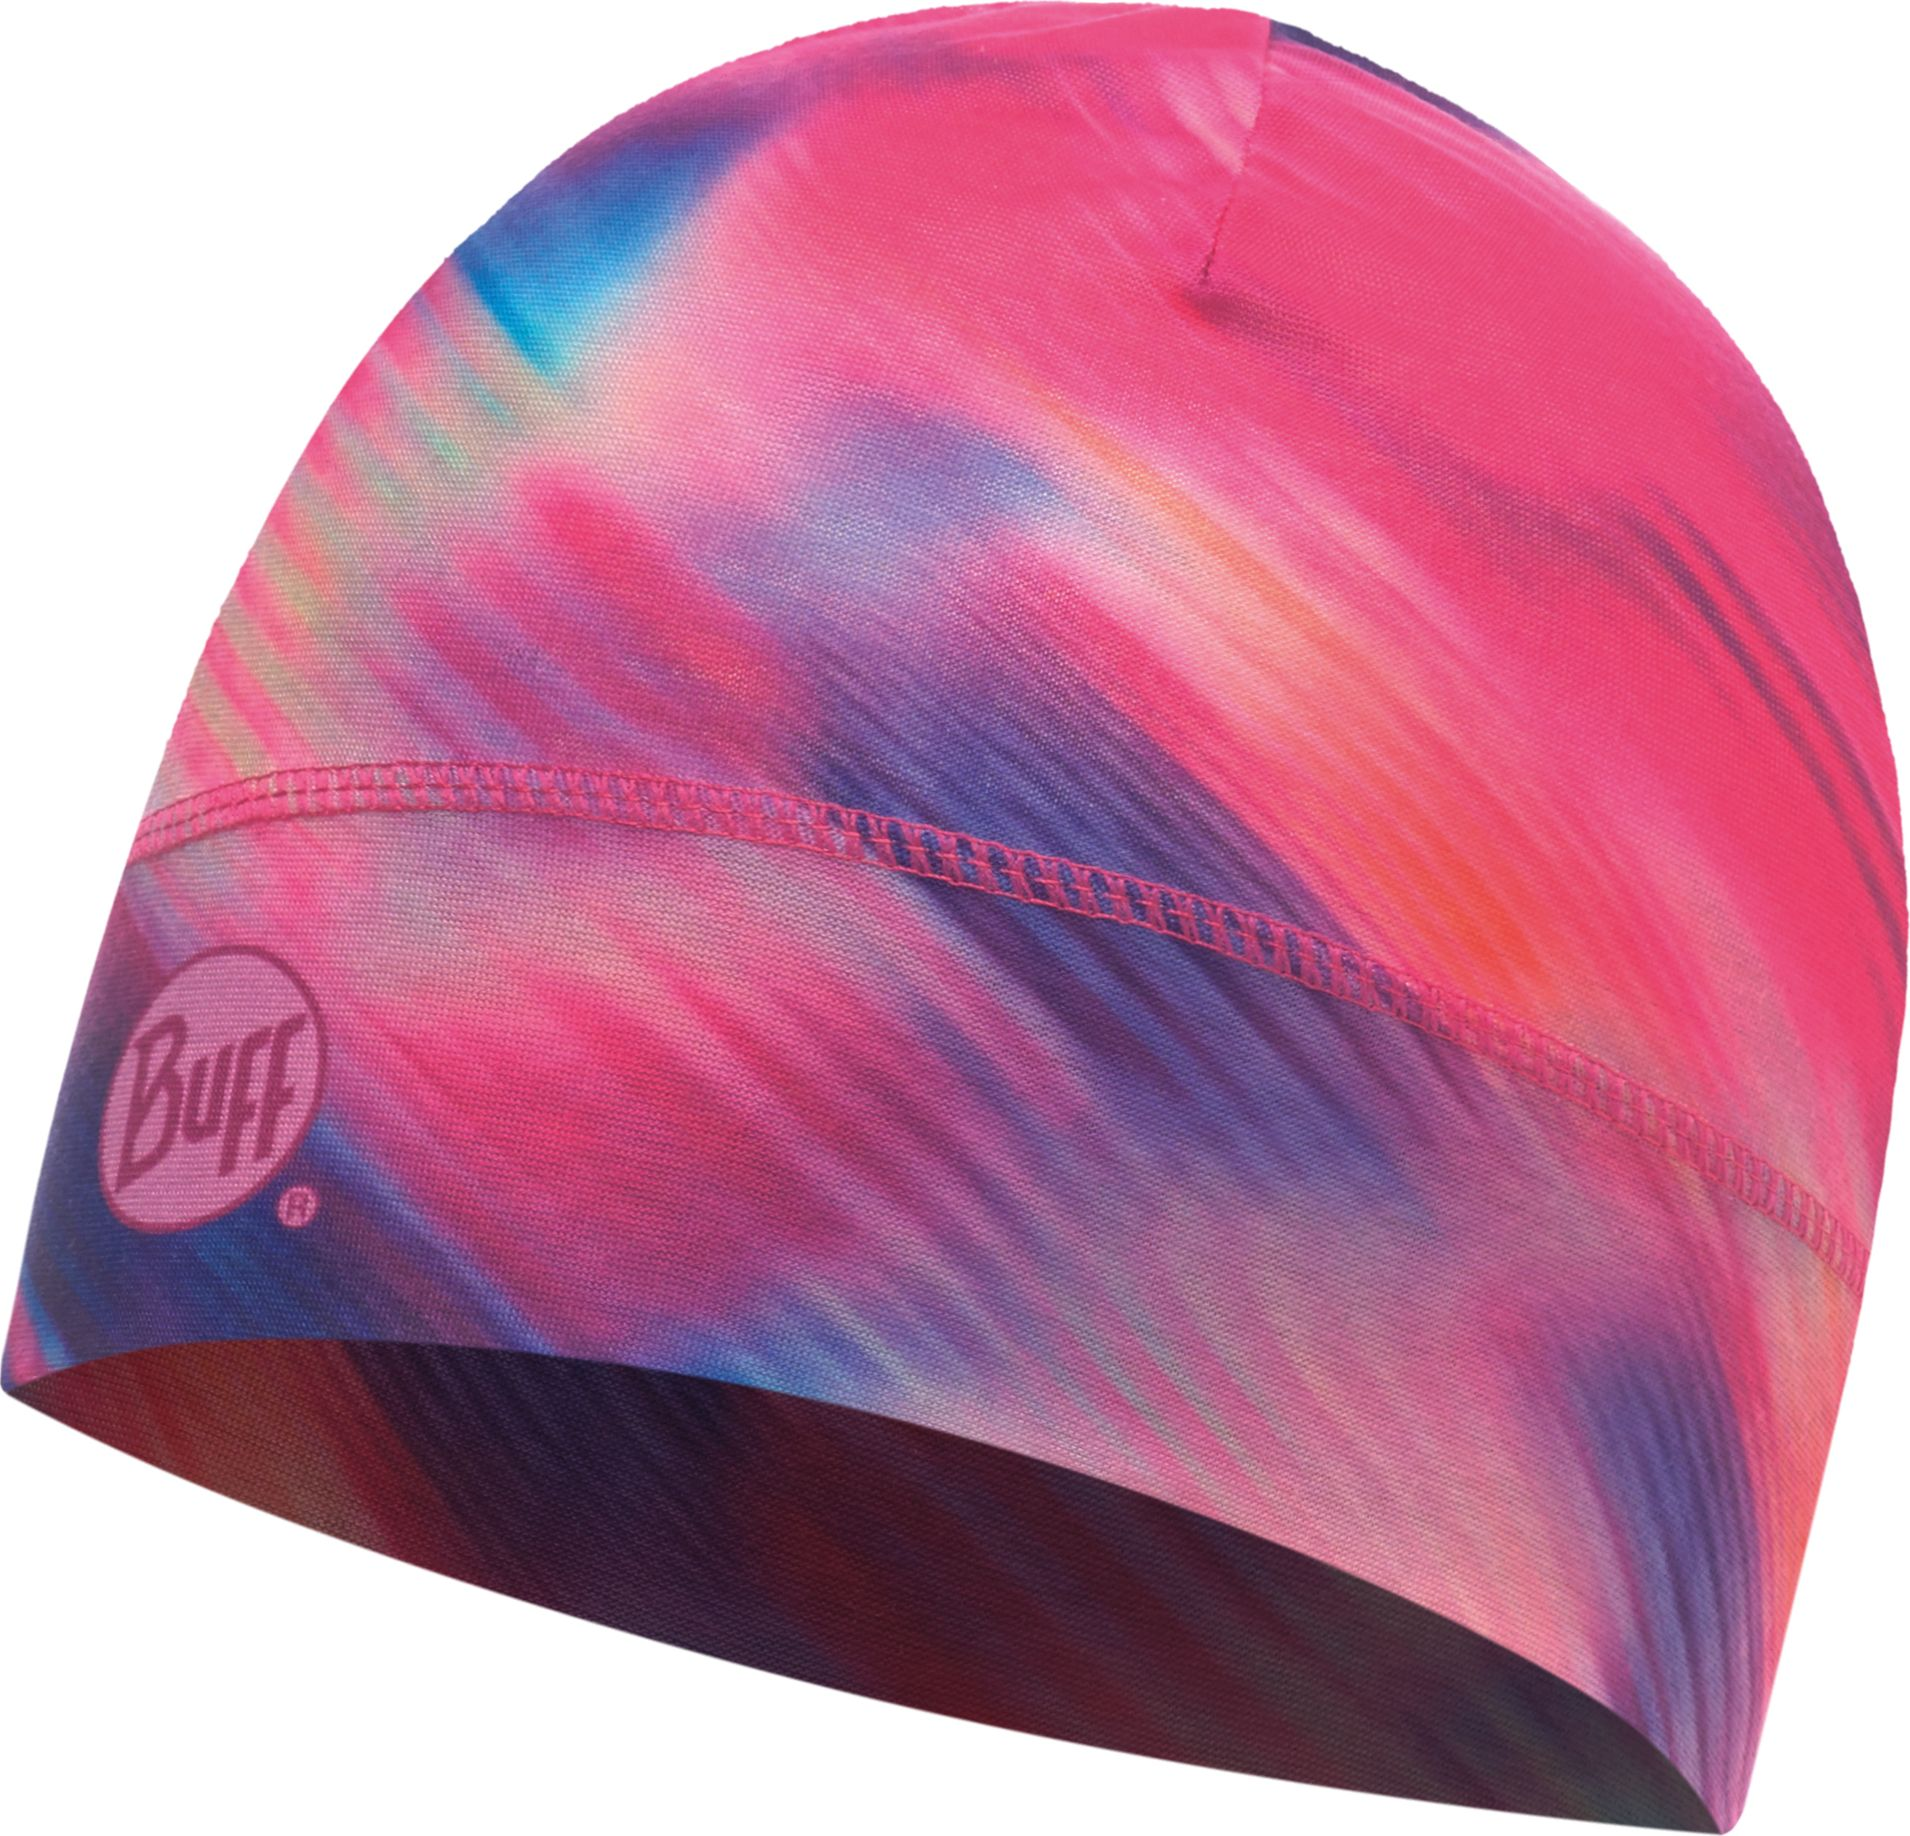 Шапка Buff Microfiber 1 Layer Hat Shining Pink, цвет: розовый. 117099.538.10.00. Размер универсальный117099.538.10.00Двустороння шапка от Buff - два дизайна в одной модели. Сделана из двуслойной микрофибры.Обеспечивает тепло и защиту от непогоды, легкая и приятная на ощупь. Естественные свойства материала предотвращают появление неприятного запаха.